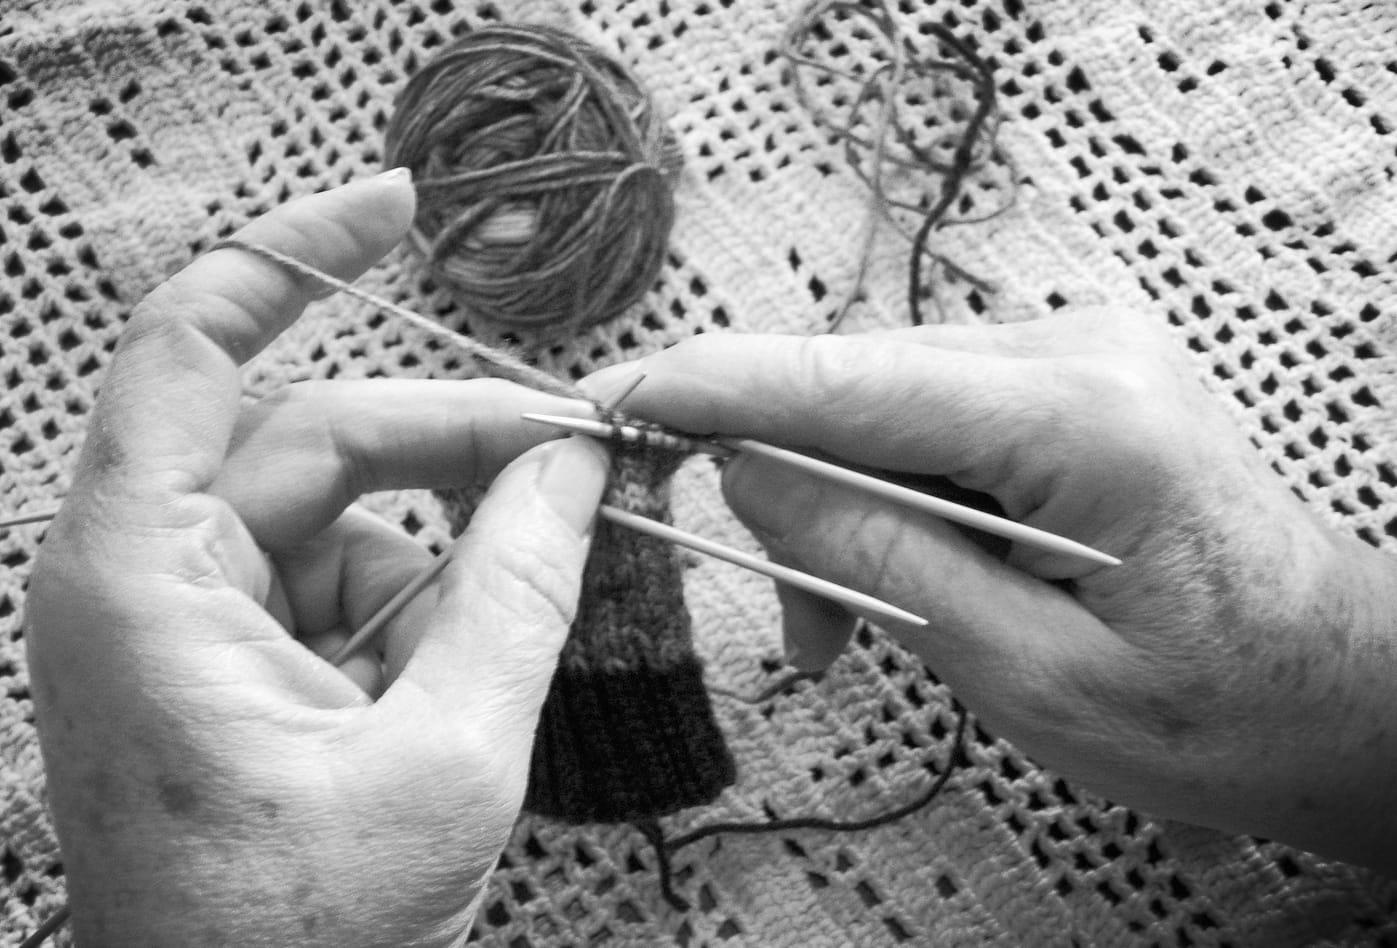 Accessori di moda fatti a mano dalle donne che vivono nelle case di riposo per anziani